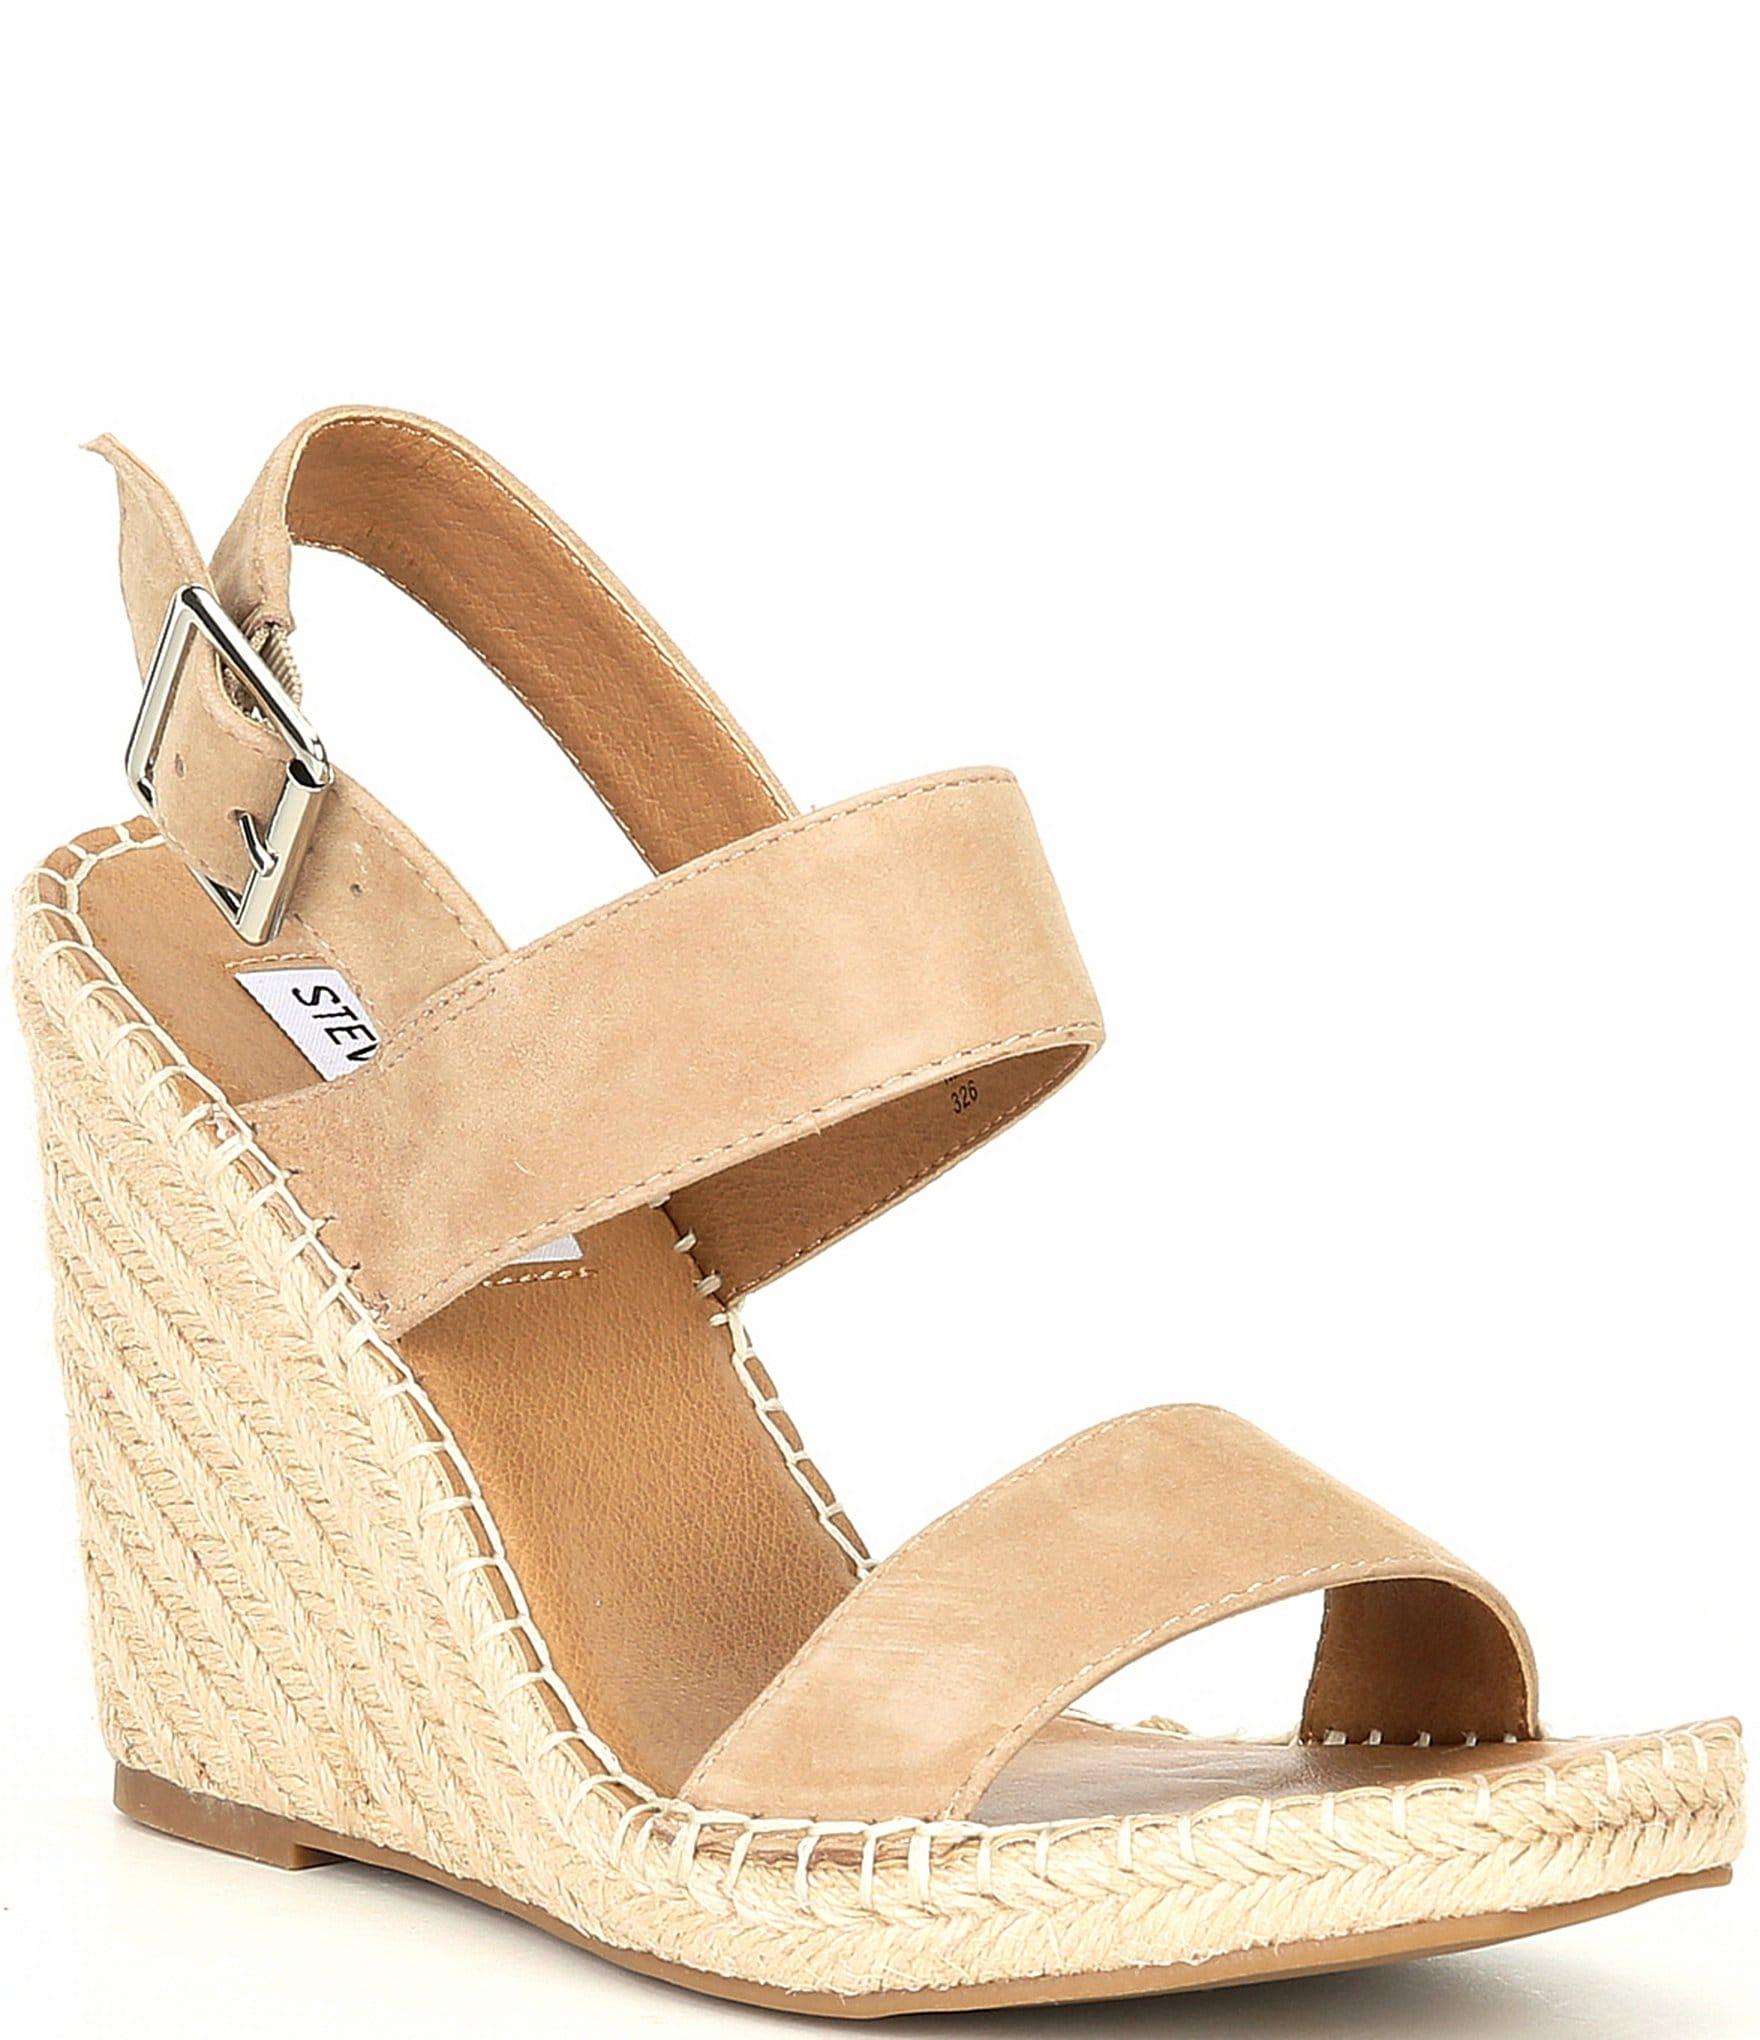 Steve Madden Uri Suede Espadrille Wedge Sandals | Dillard's